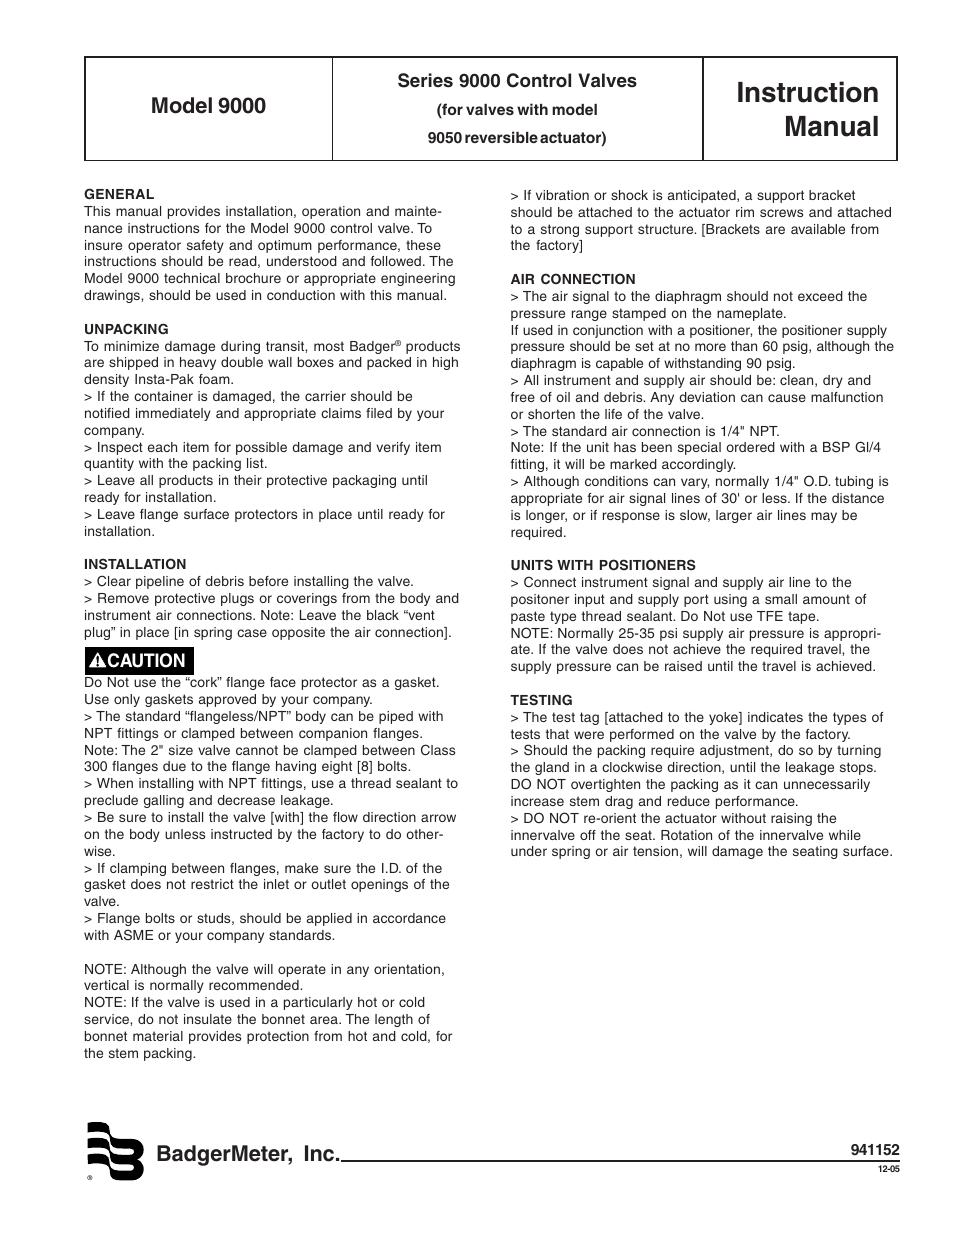 Badger Meter Model 9000 Valve User Manual Manual Guide